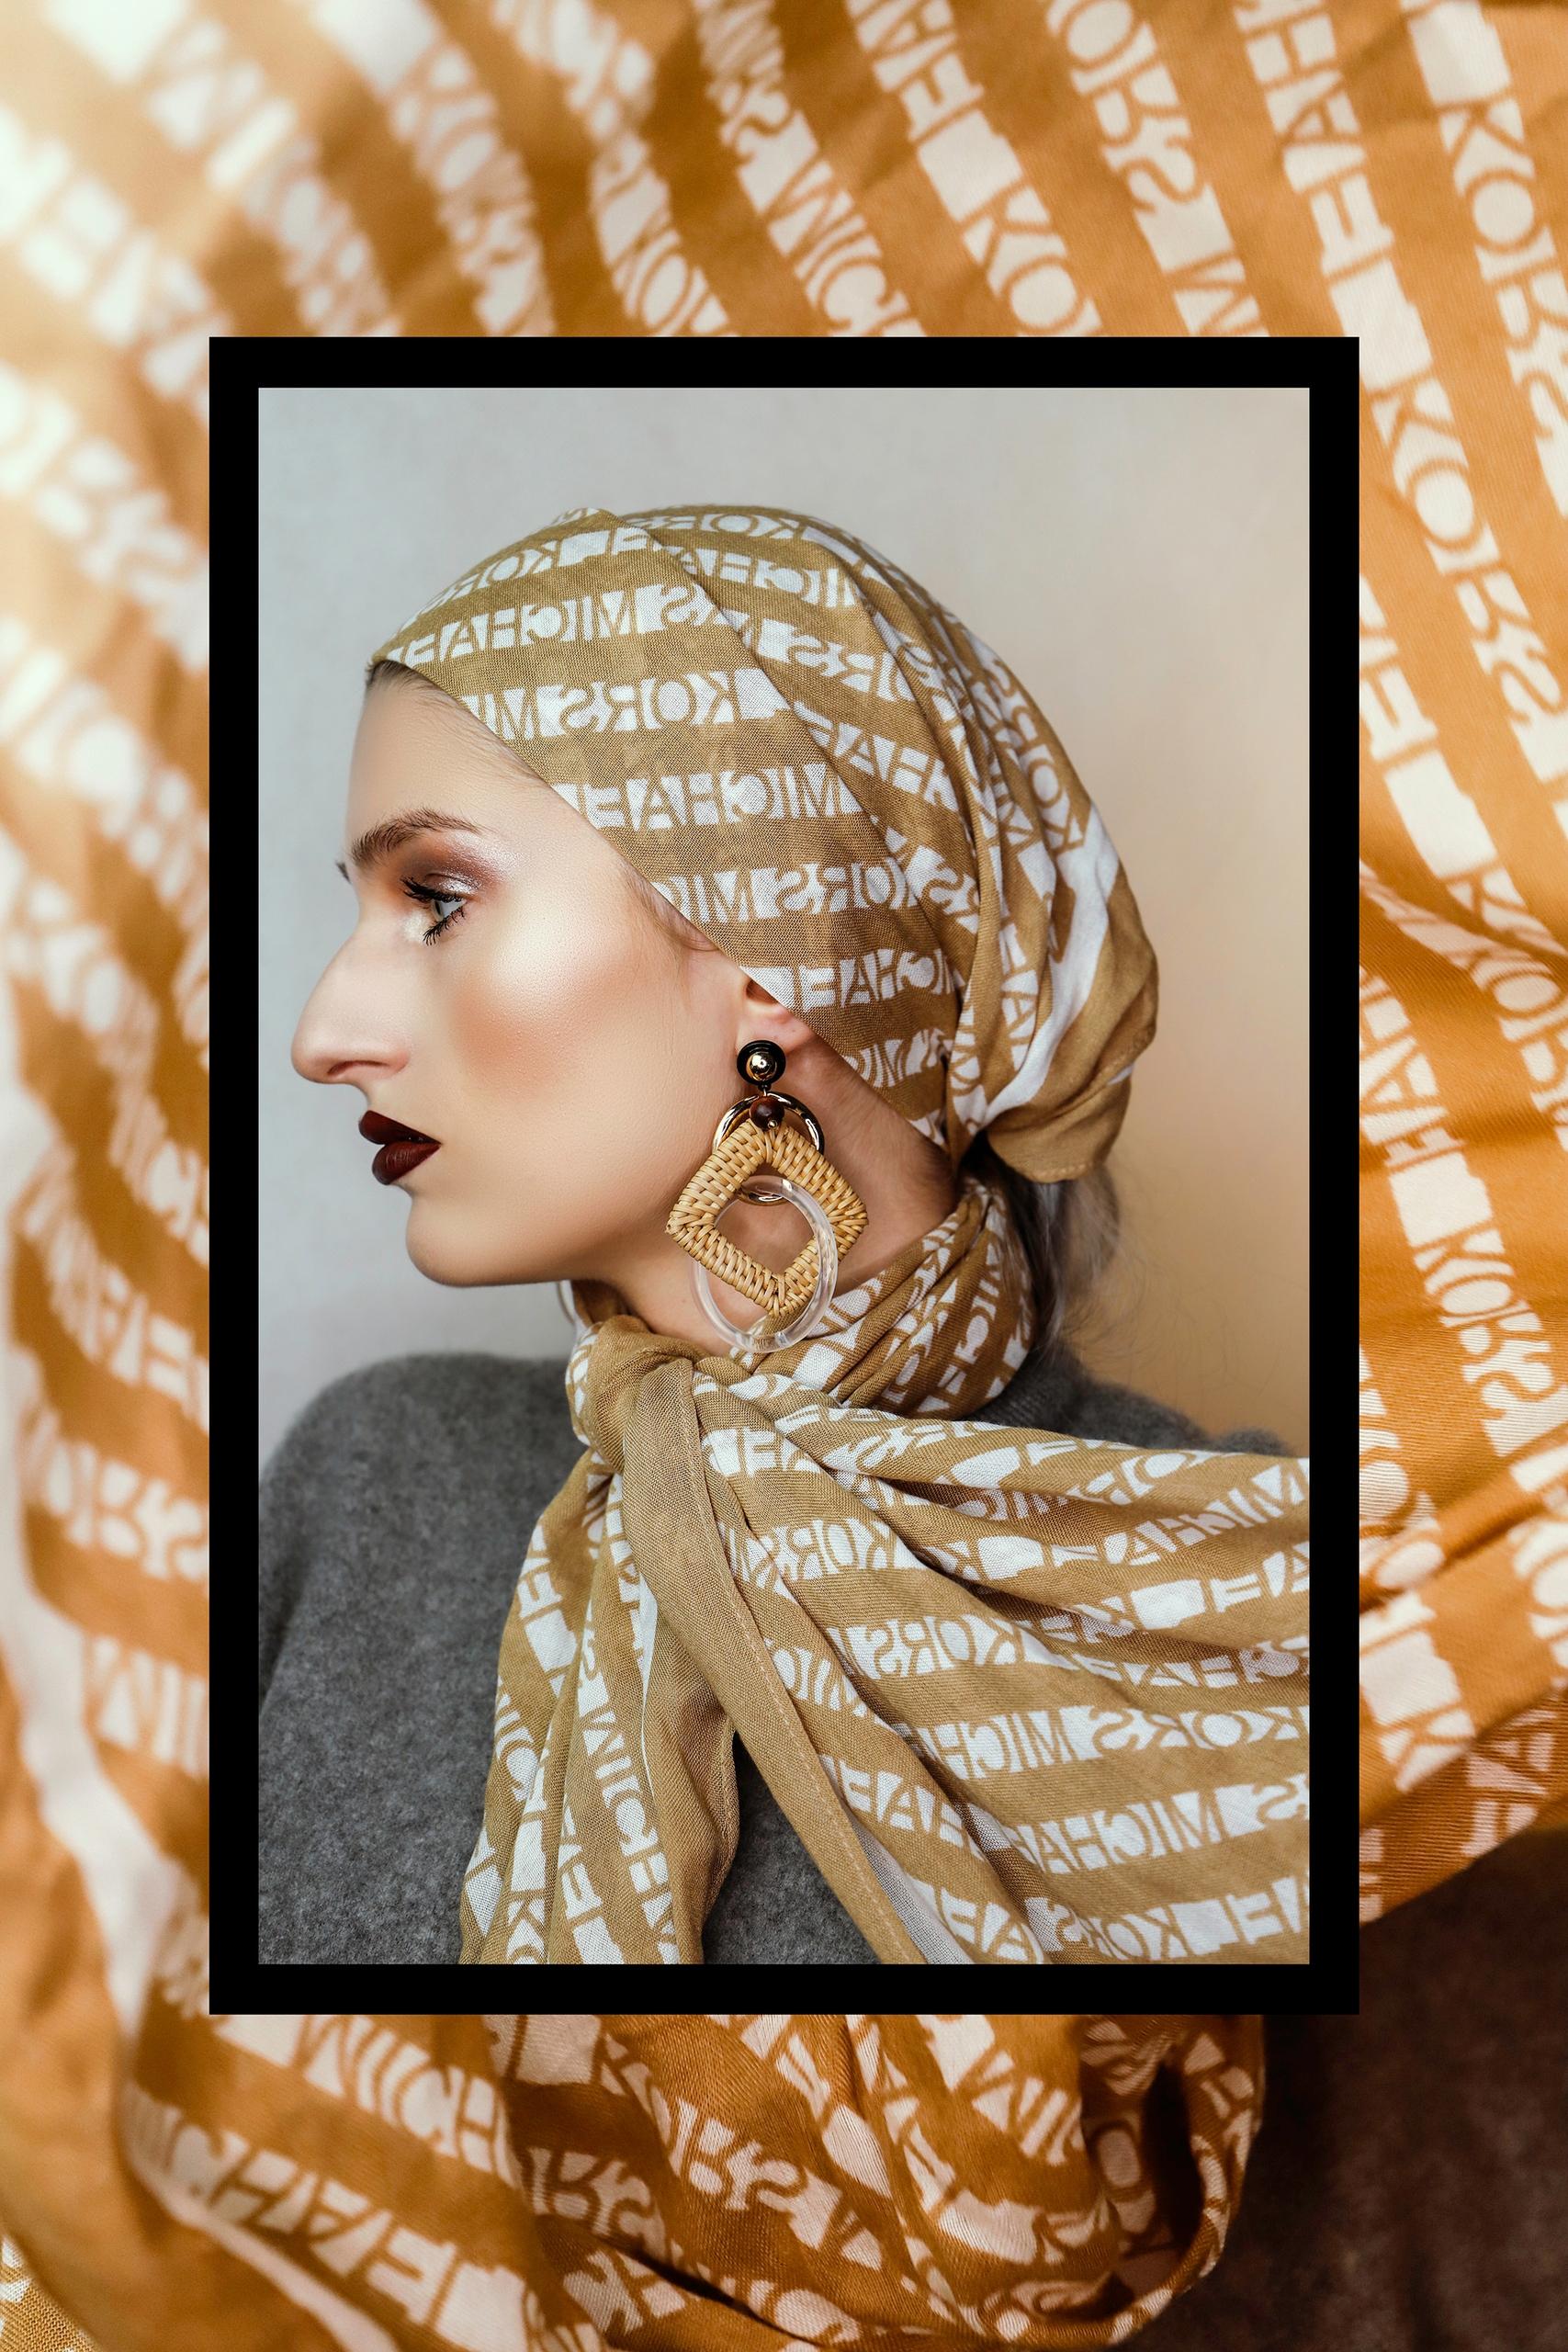 Zdjęcie przedstawia profil kobiety w beżowej chustce na głowie. Zdjęcie otoczone jest czarną cienką ramką i grubą ramą zbudowaną z innej fotografii.